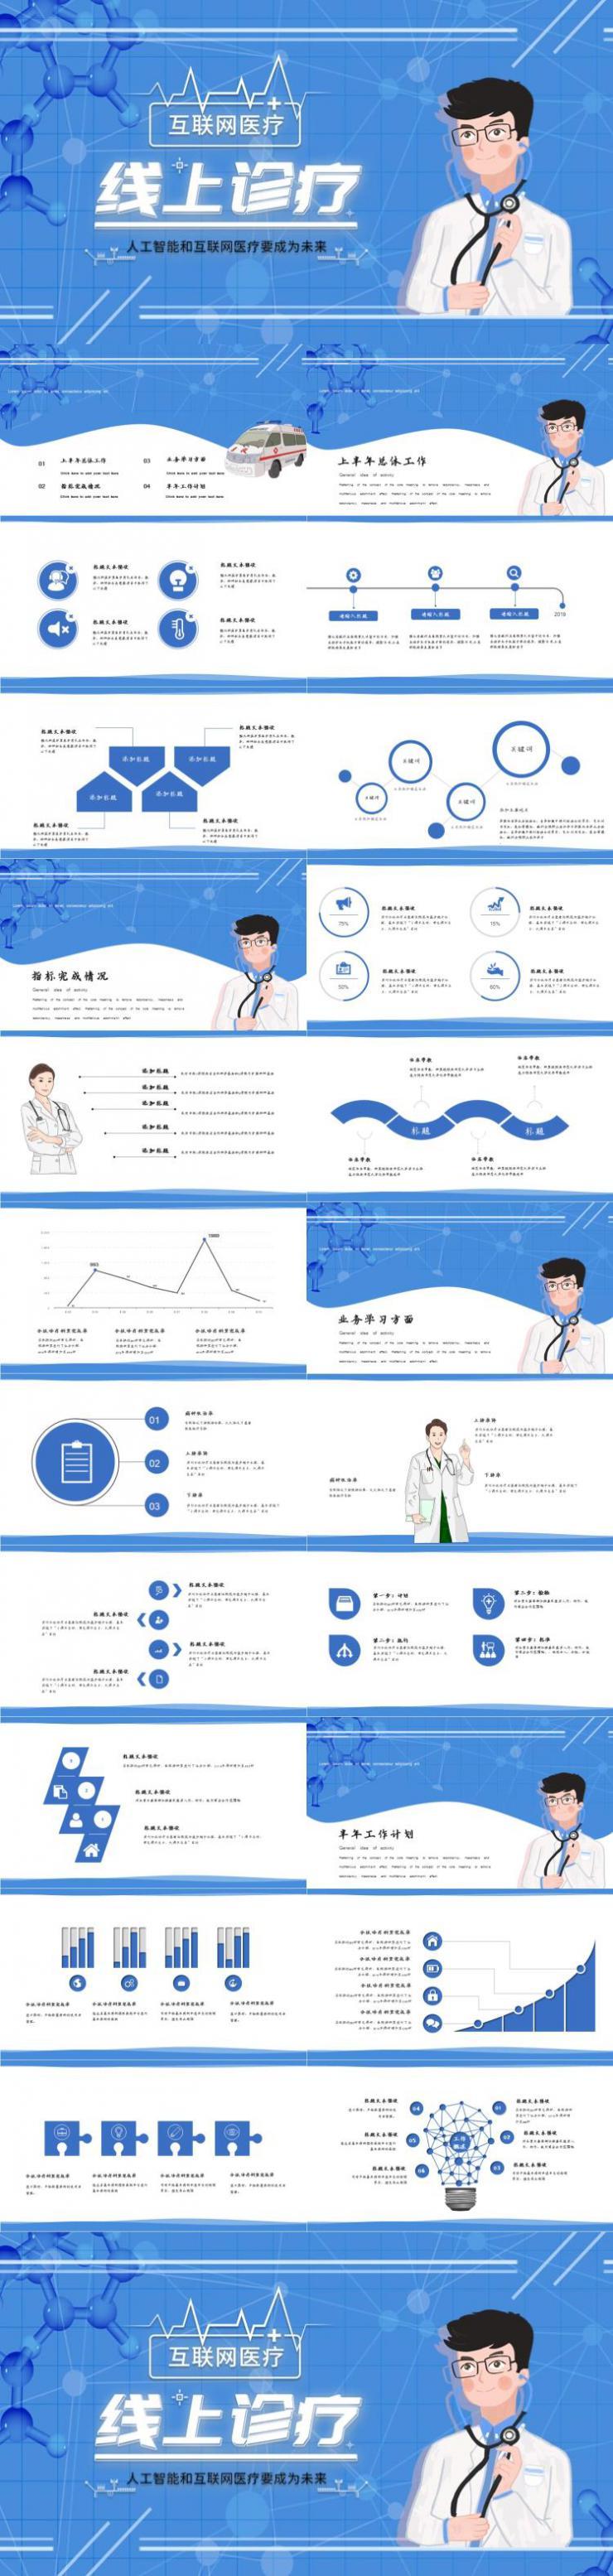 内容型医疗医药年中总结PPT模板